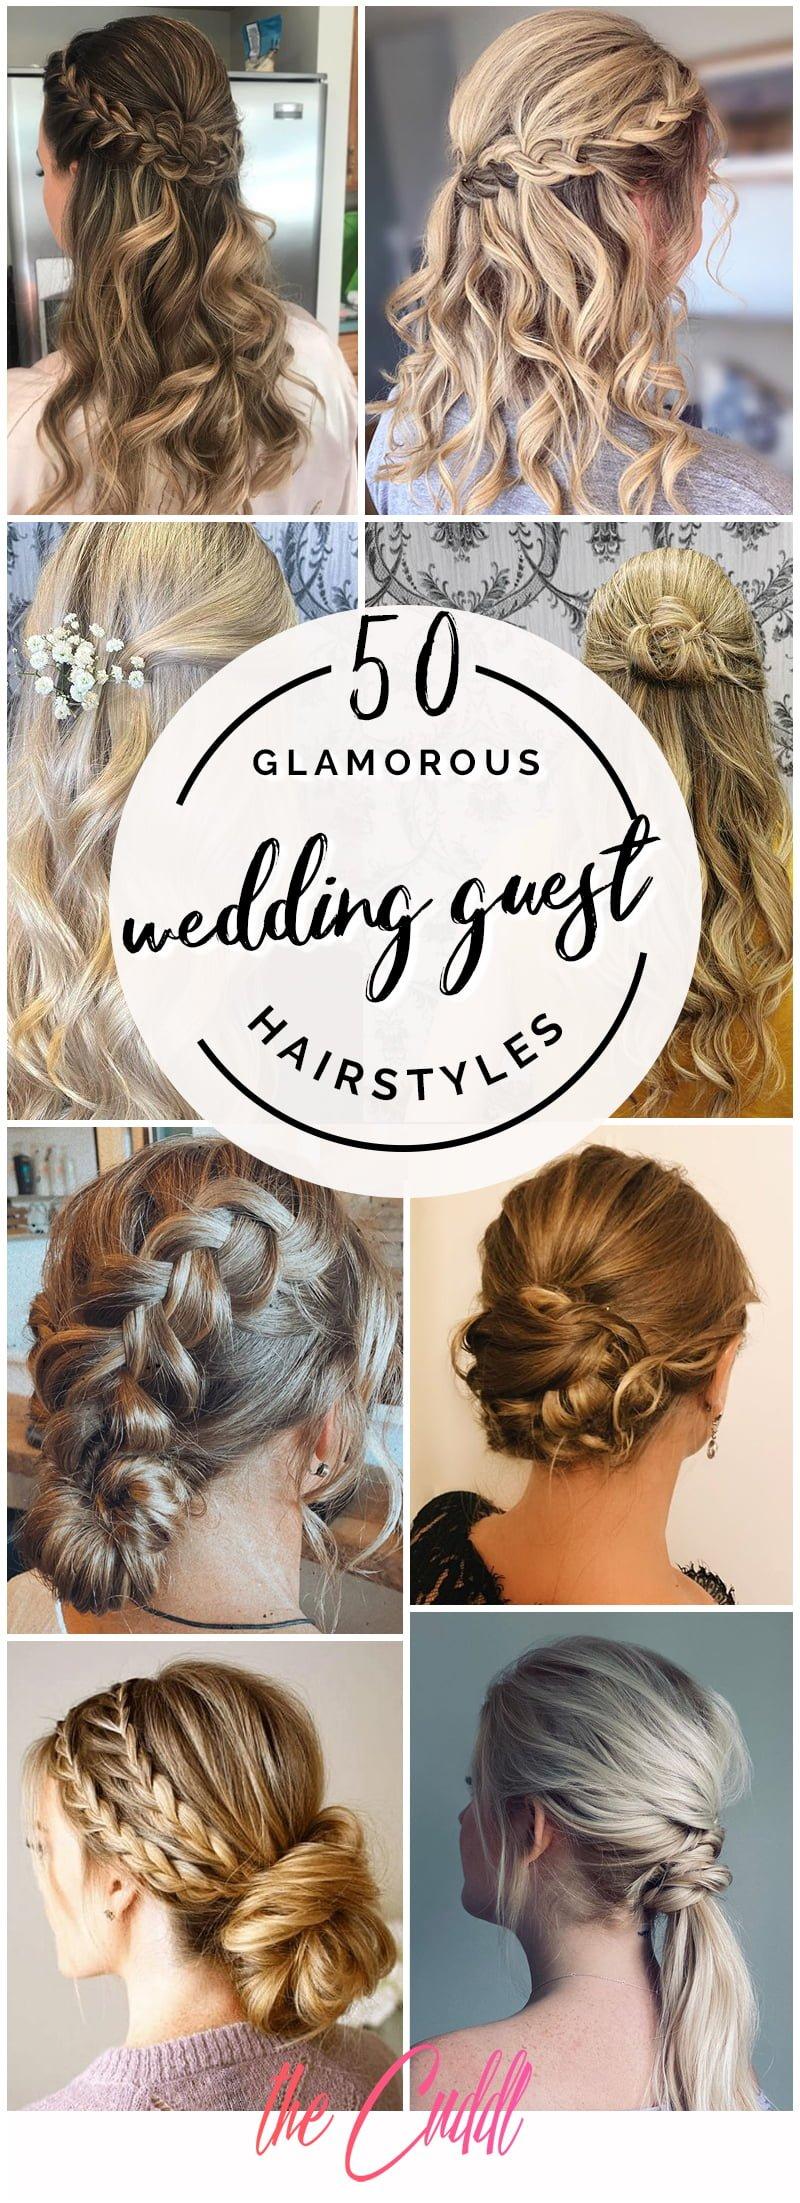 Best Wedding Guest Hairstyle Ideas